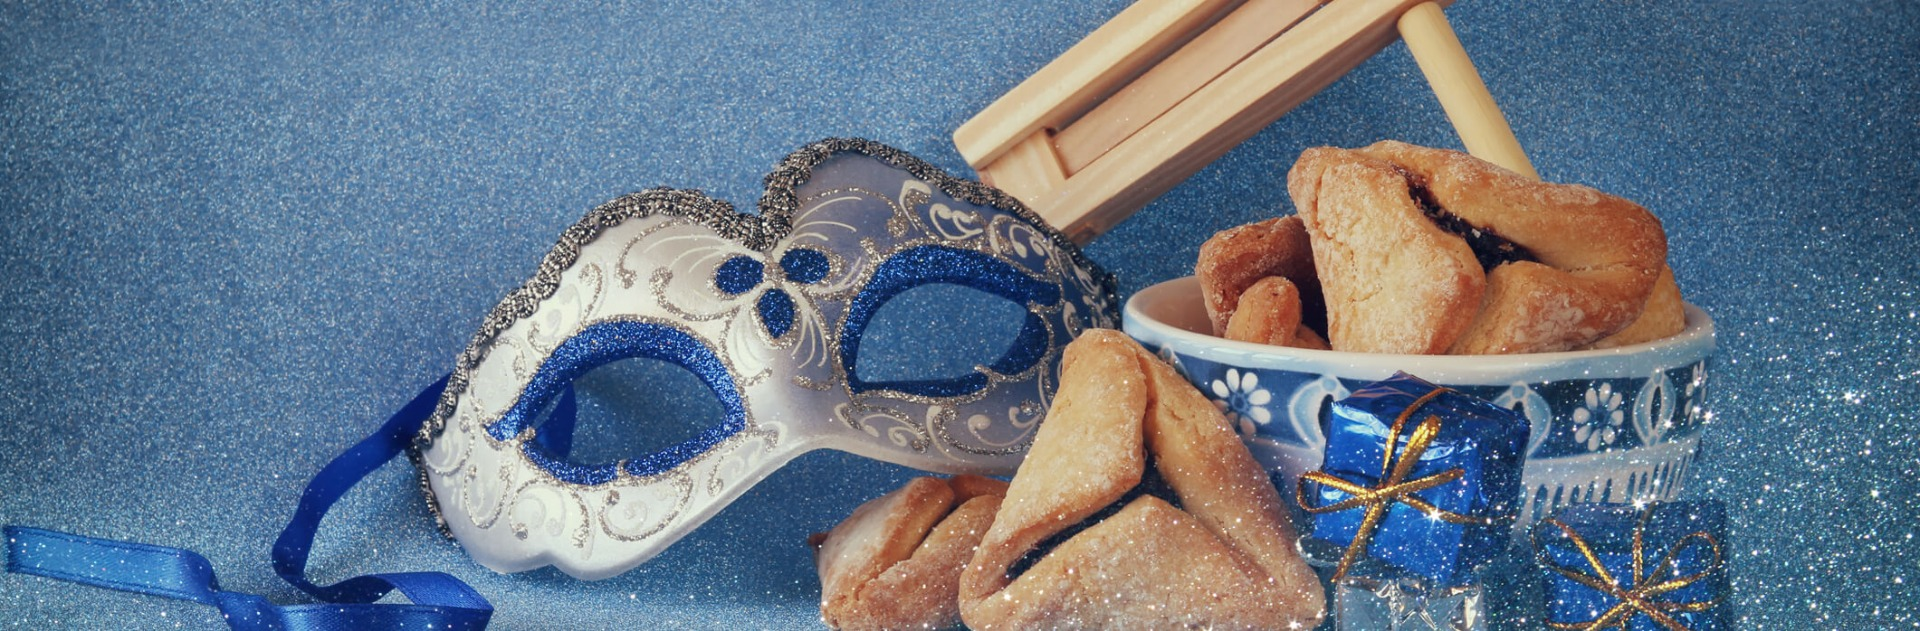 Purim Gift Baskets Greenwich Village